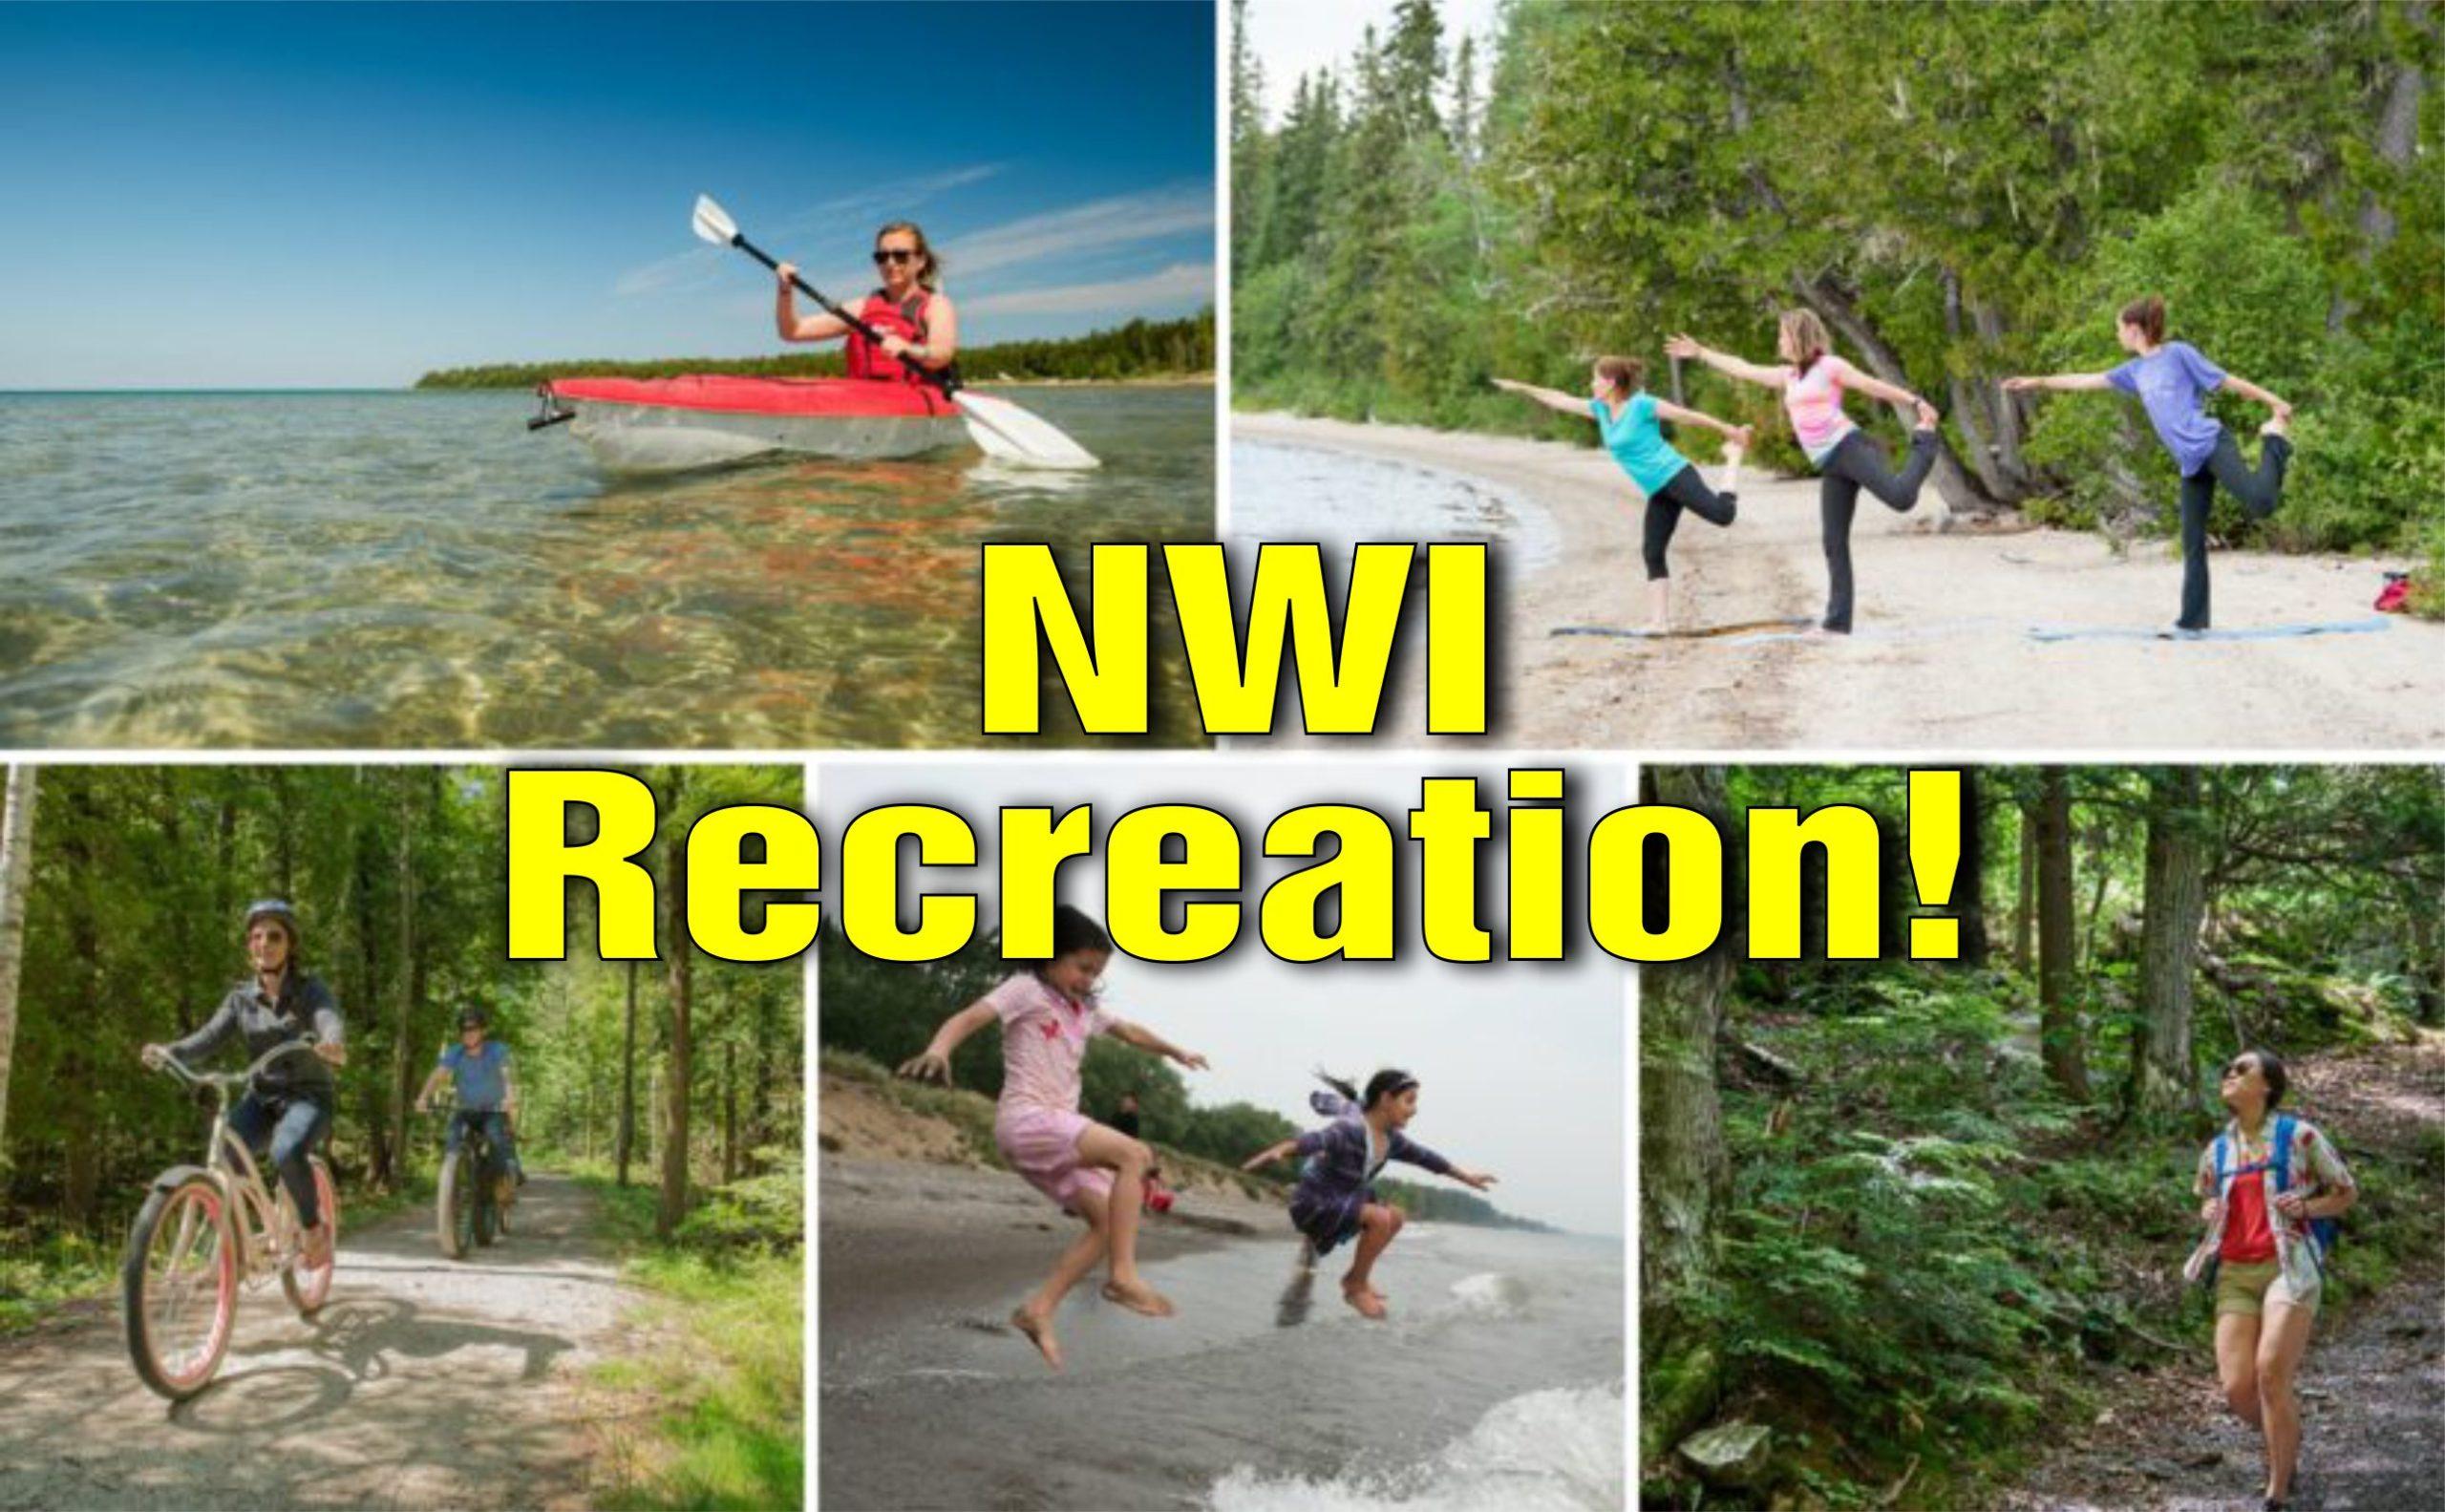 recreation in nwi hiking fishing camping biking swimming golfing birding scaled